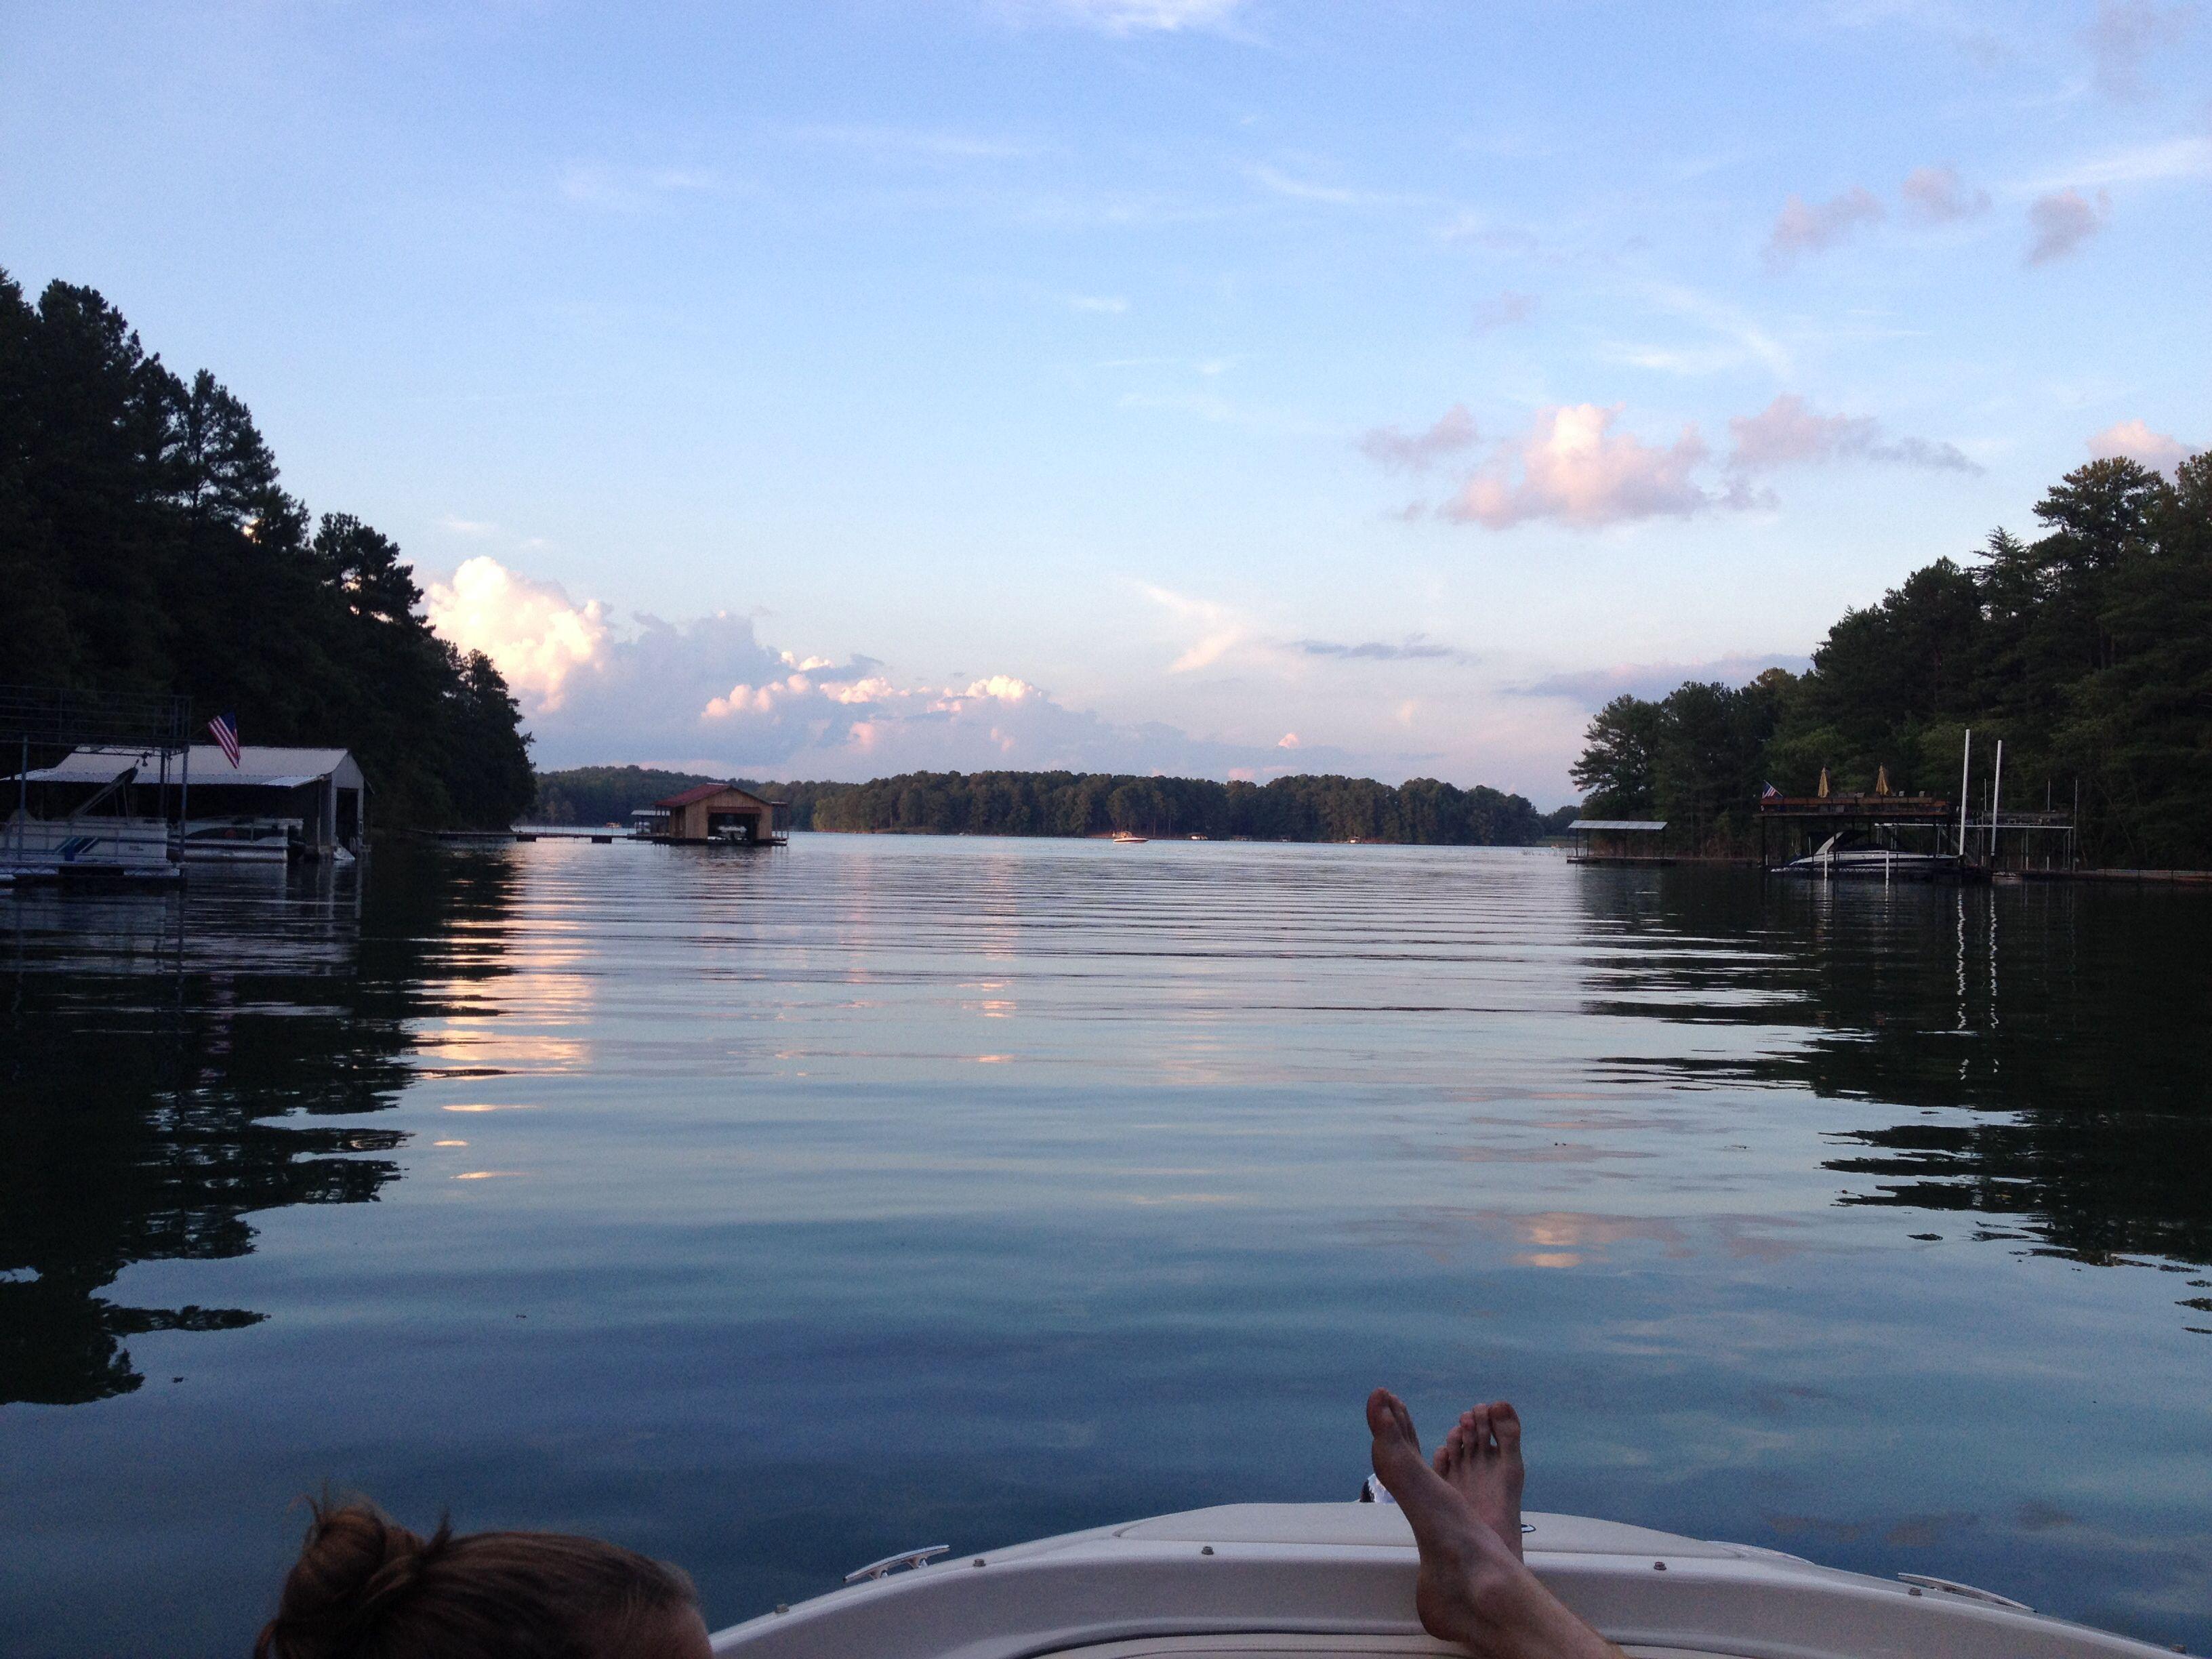 Sunset on the Lake Lanier